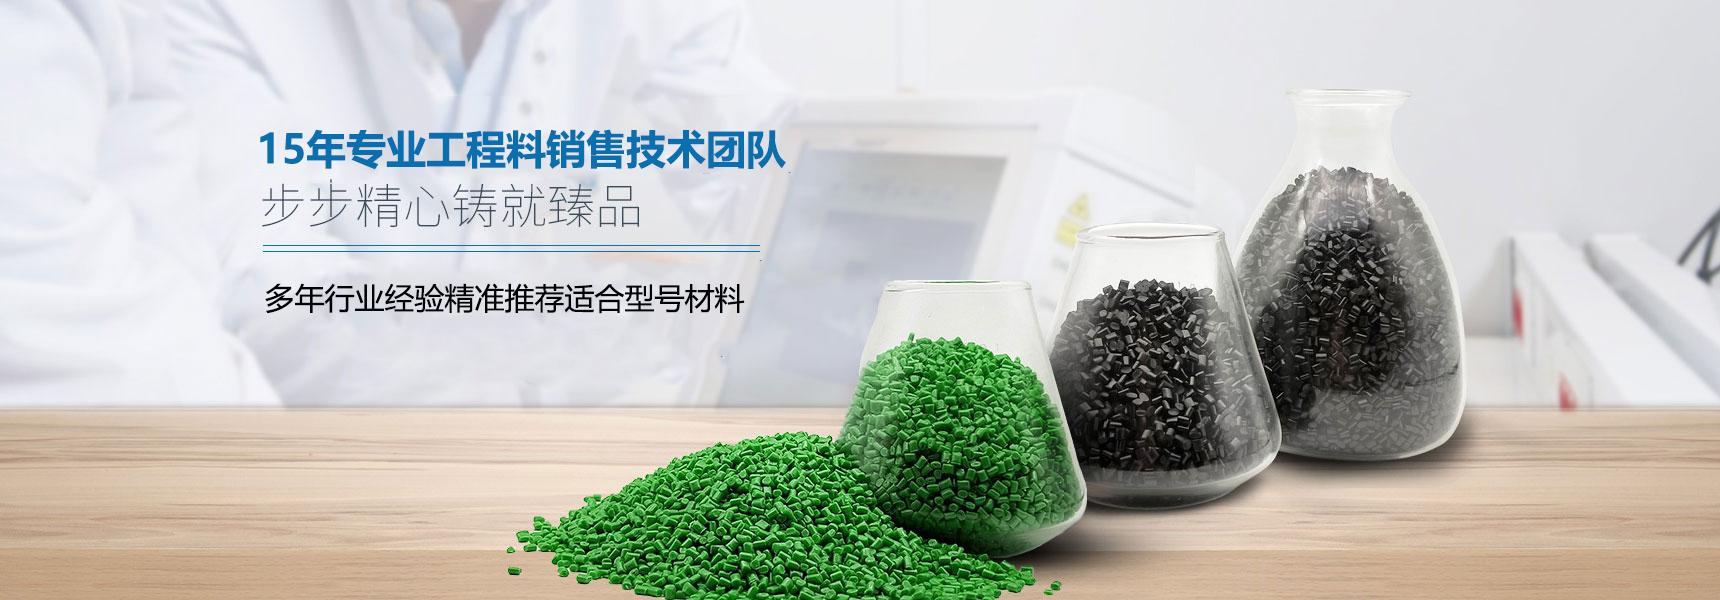 春毅新材料原料颗粒